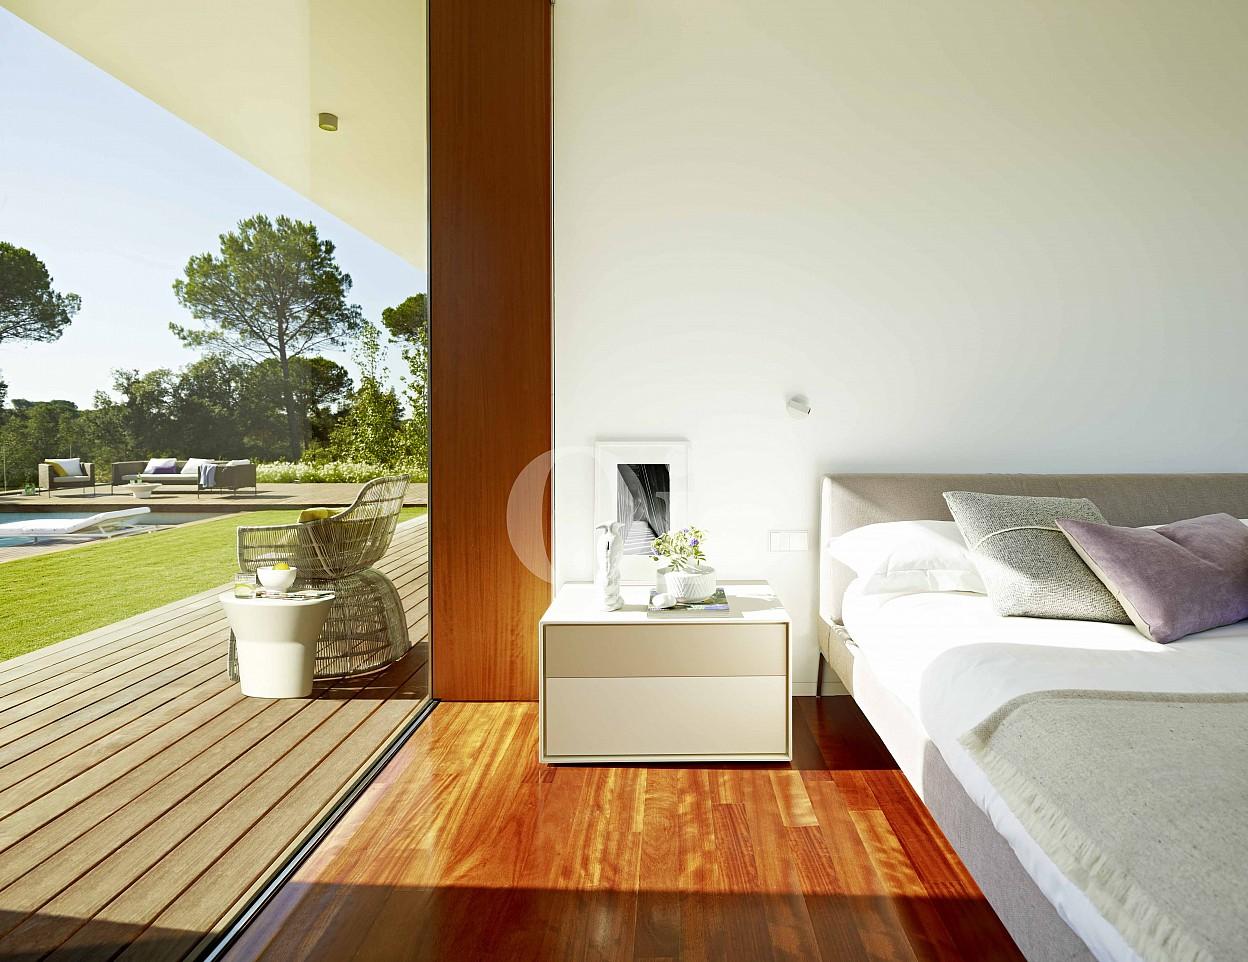 Прекрасная спальня, из которой открываются чудесные виды на поле для игры в гольф и соснойвый лес на шикарной вилле класса люкс на продажу в Жироне